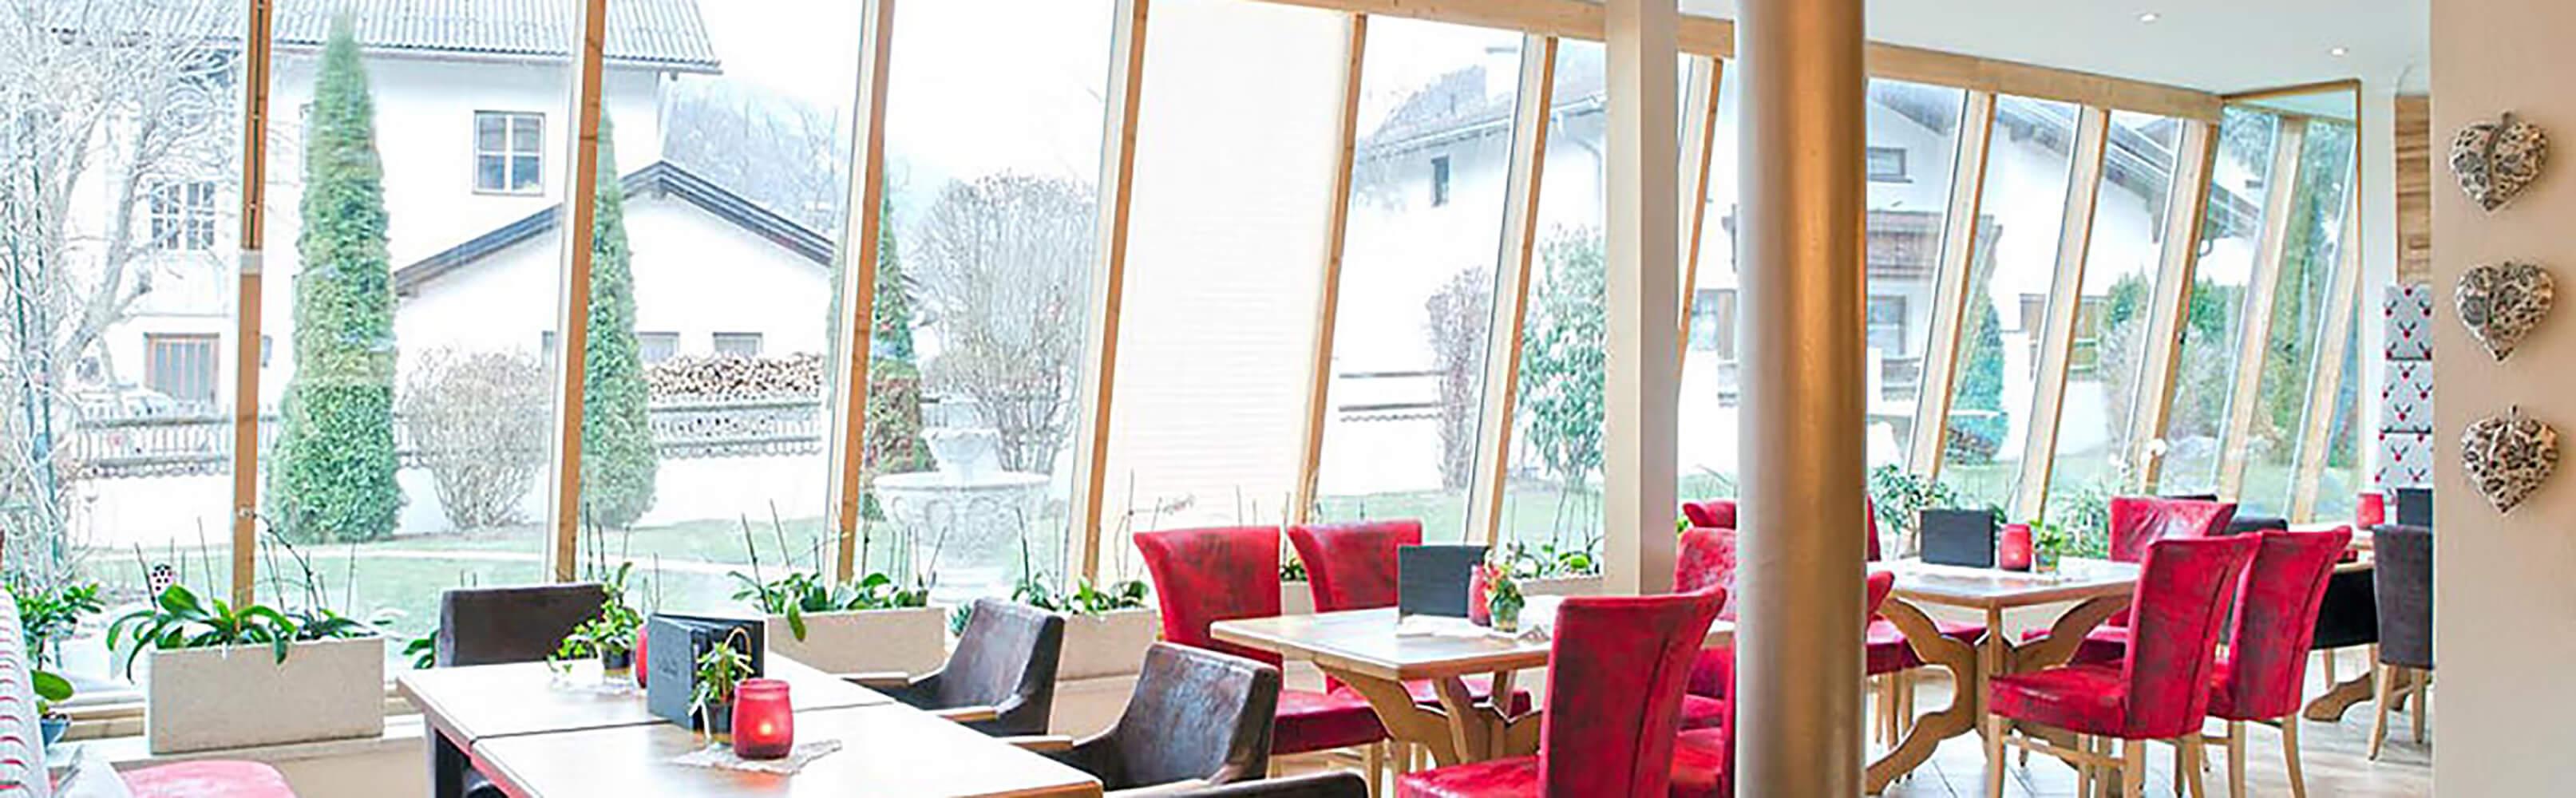 Hotel Truyenhof **** 1